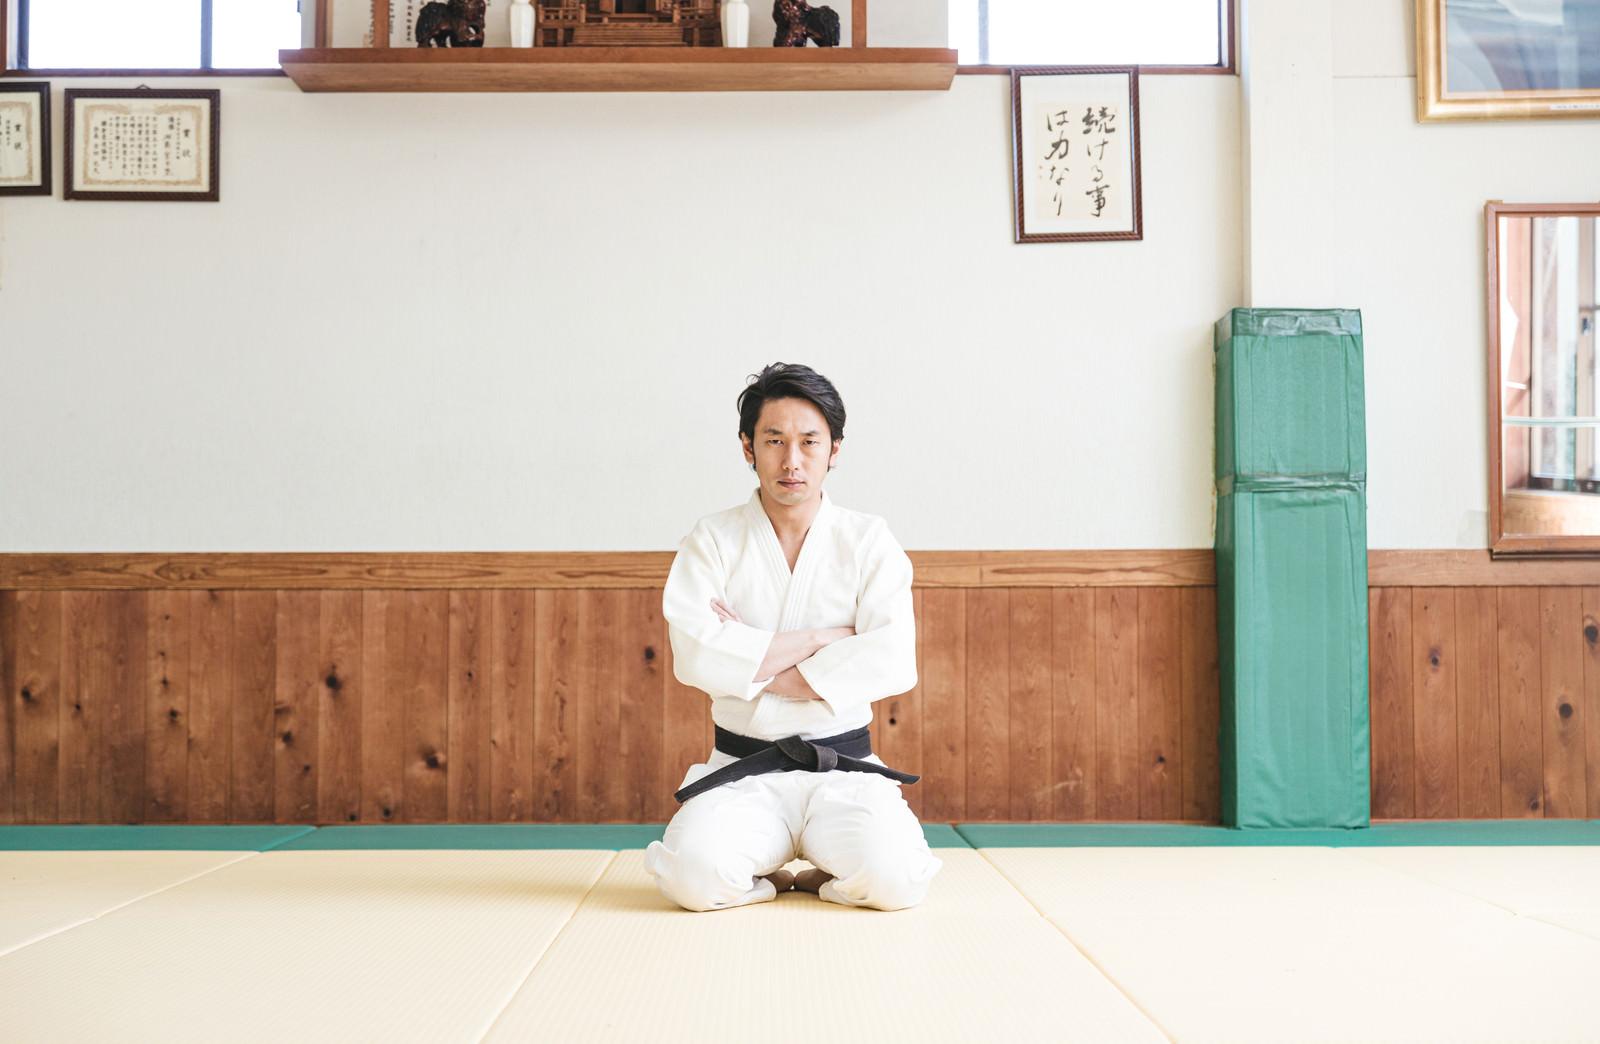 「柔道場で腕を組む挑戦者」の写真[モデル:大川竜弥]